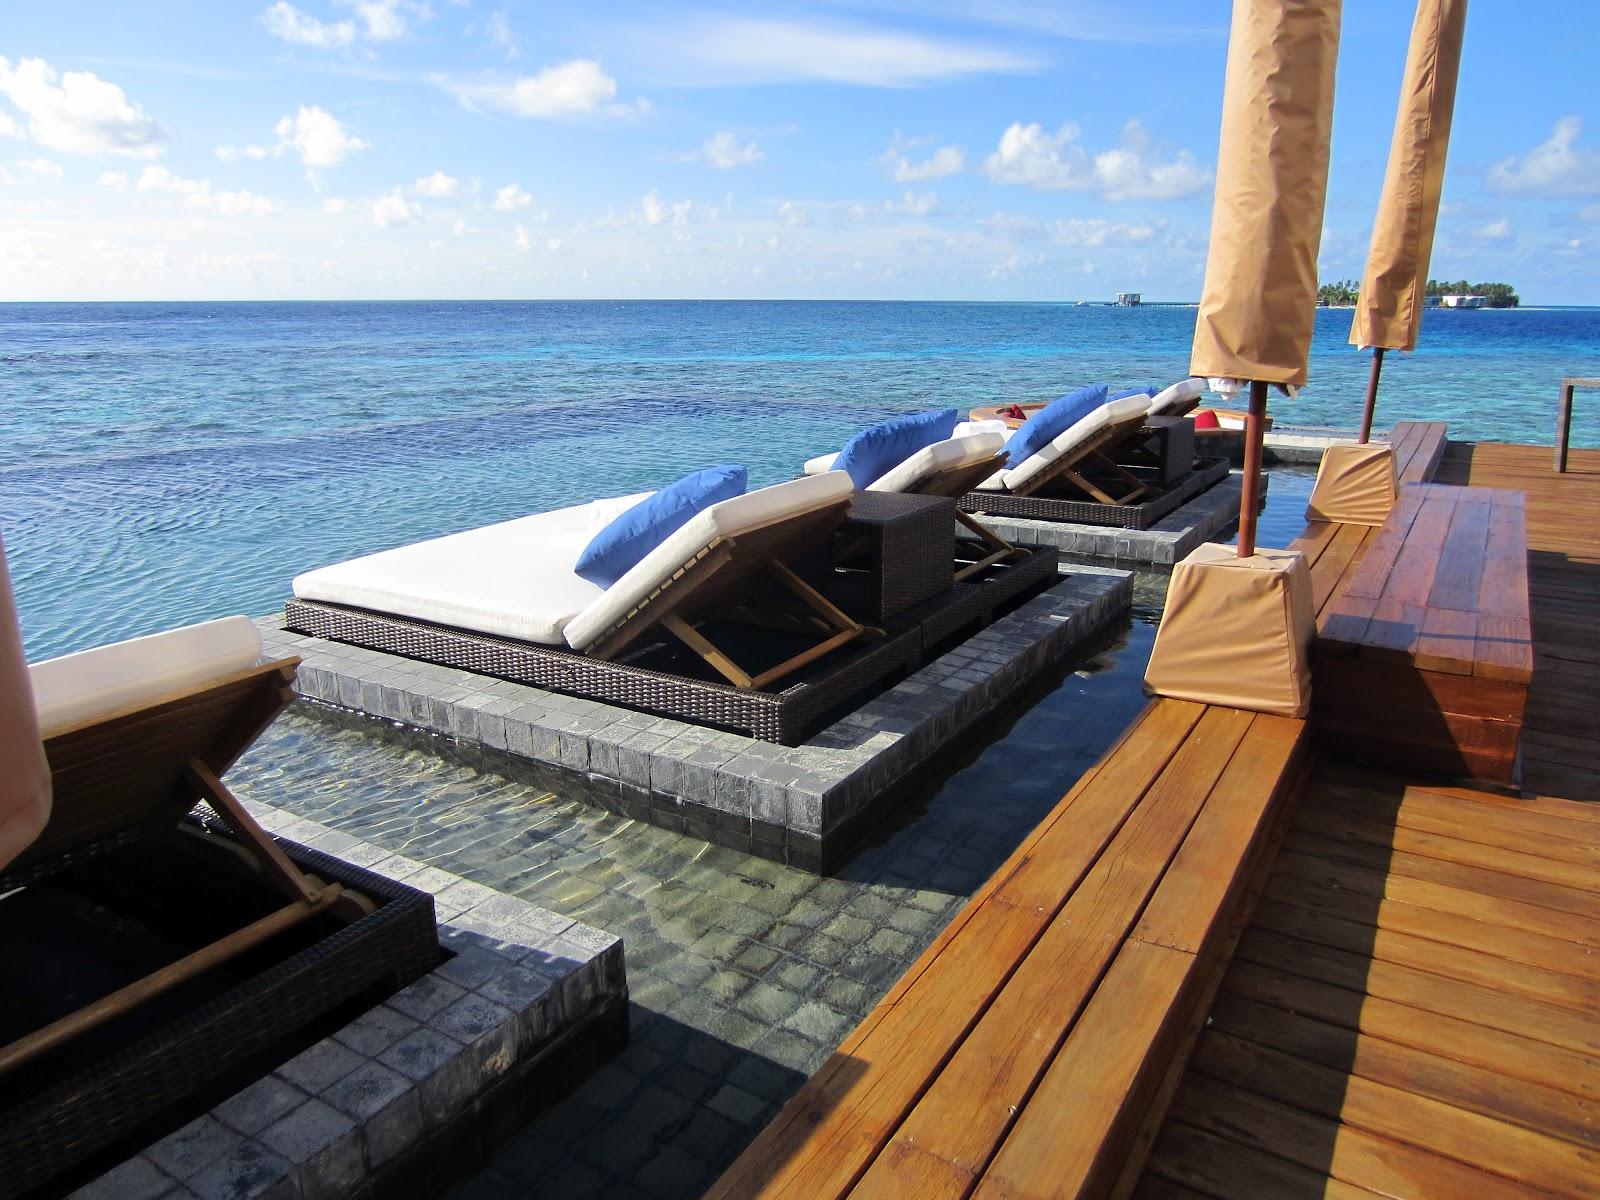 la vita è bella: Sheer perfection in the Maldives!